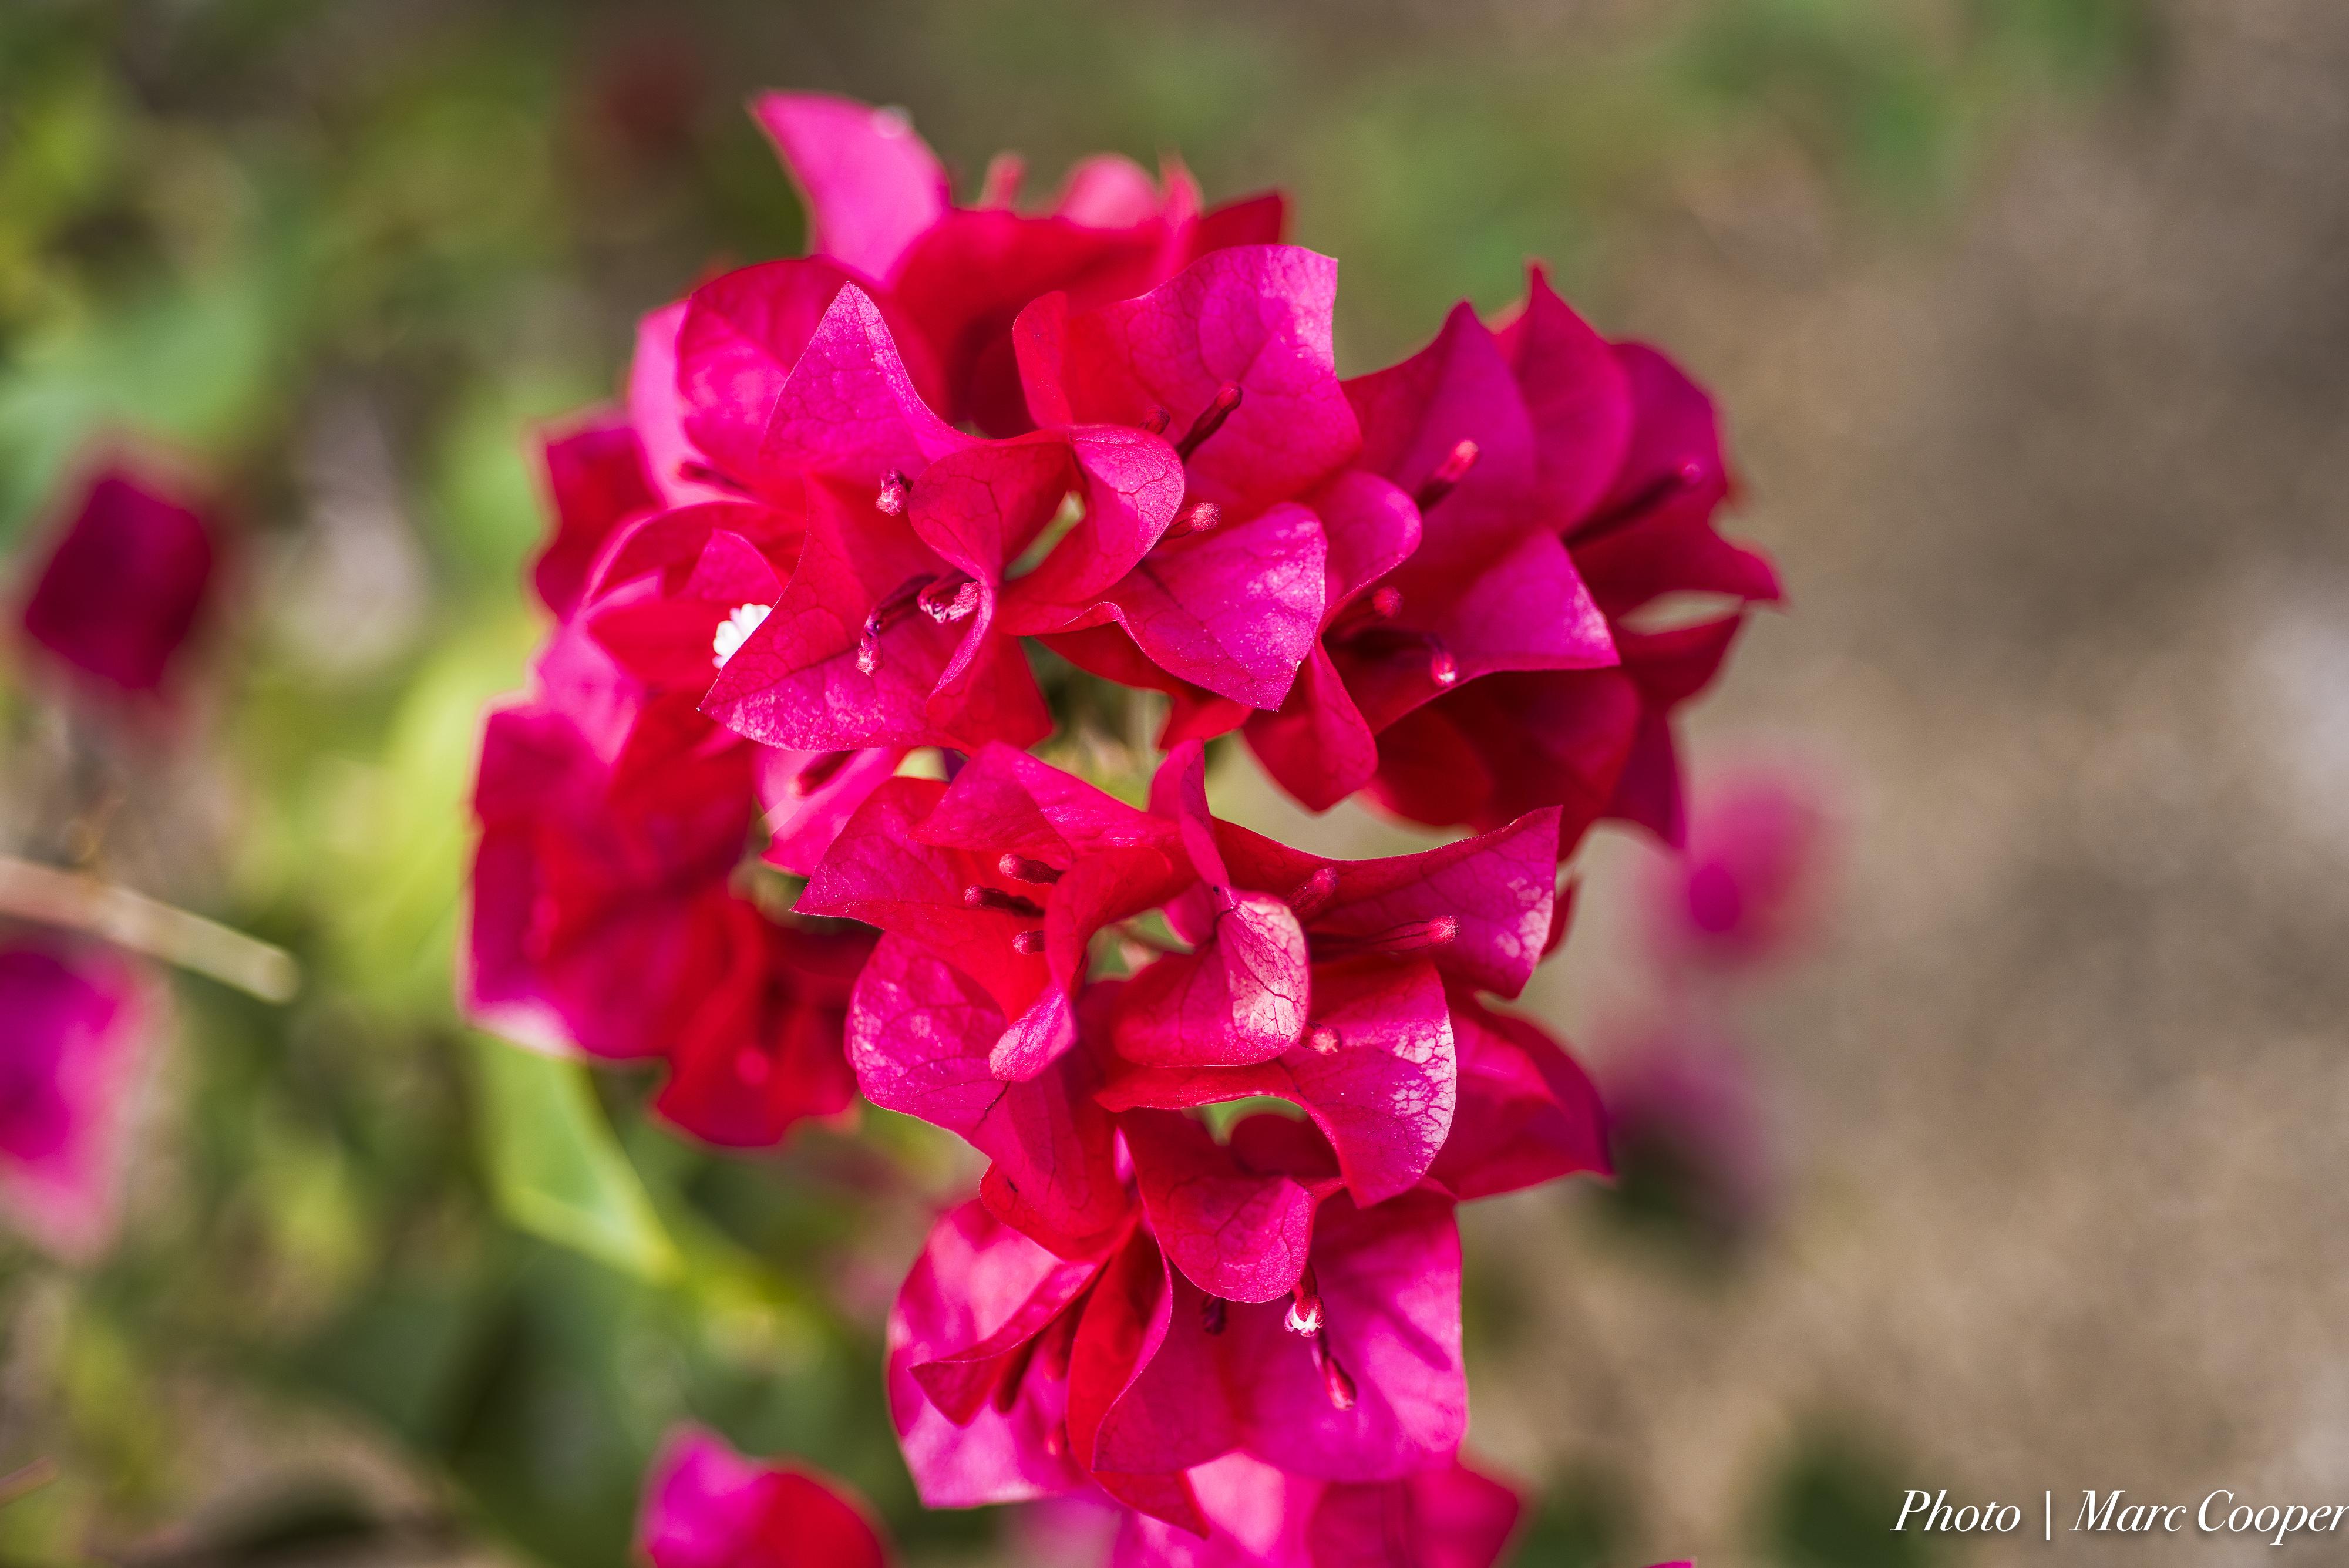 Kostenlose foto : blühen, Winter, Blume, Blütenblatt, rot, Makro ...